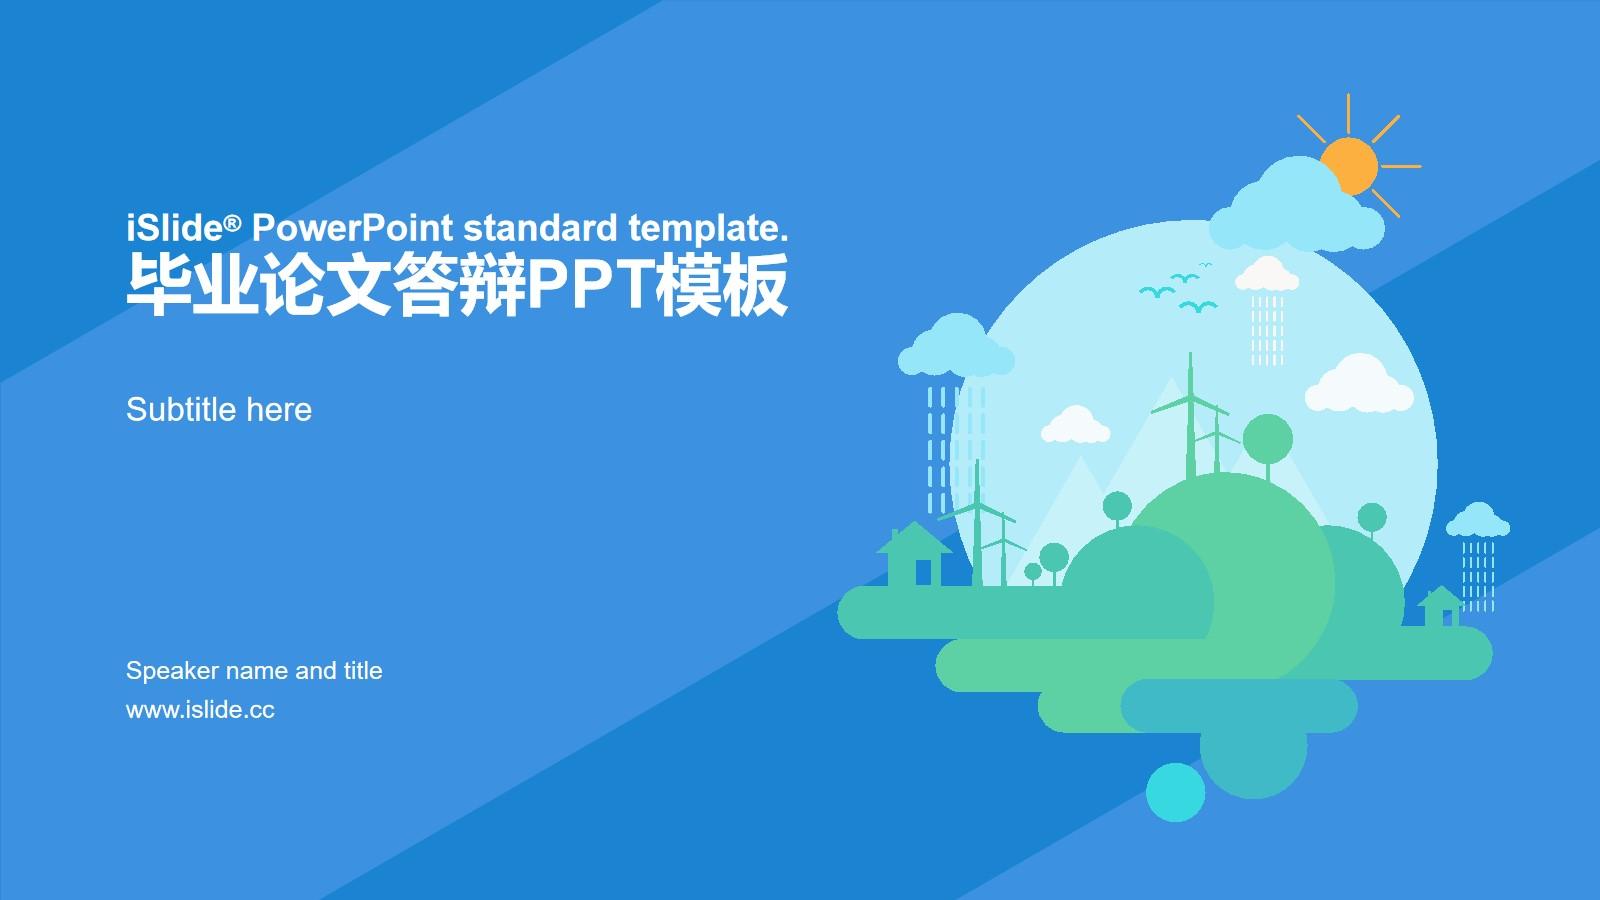 天气元素图标矢量卡通风简约大气论文答辩通用ppt模板